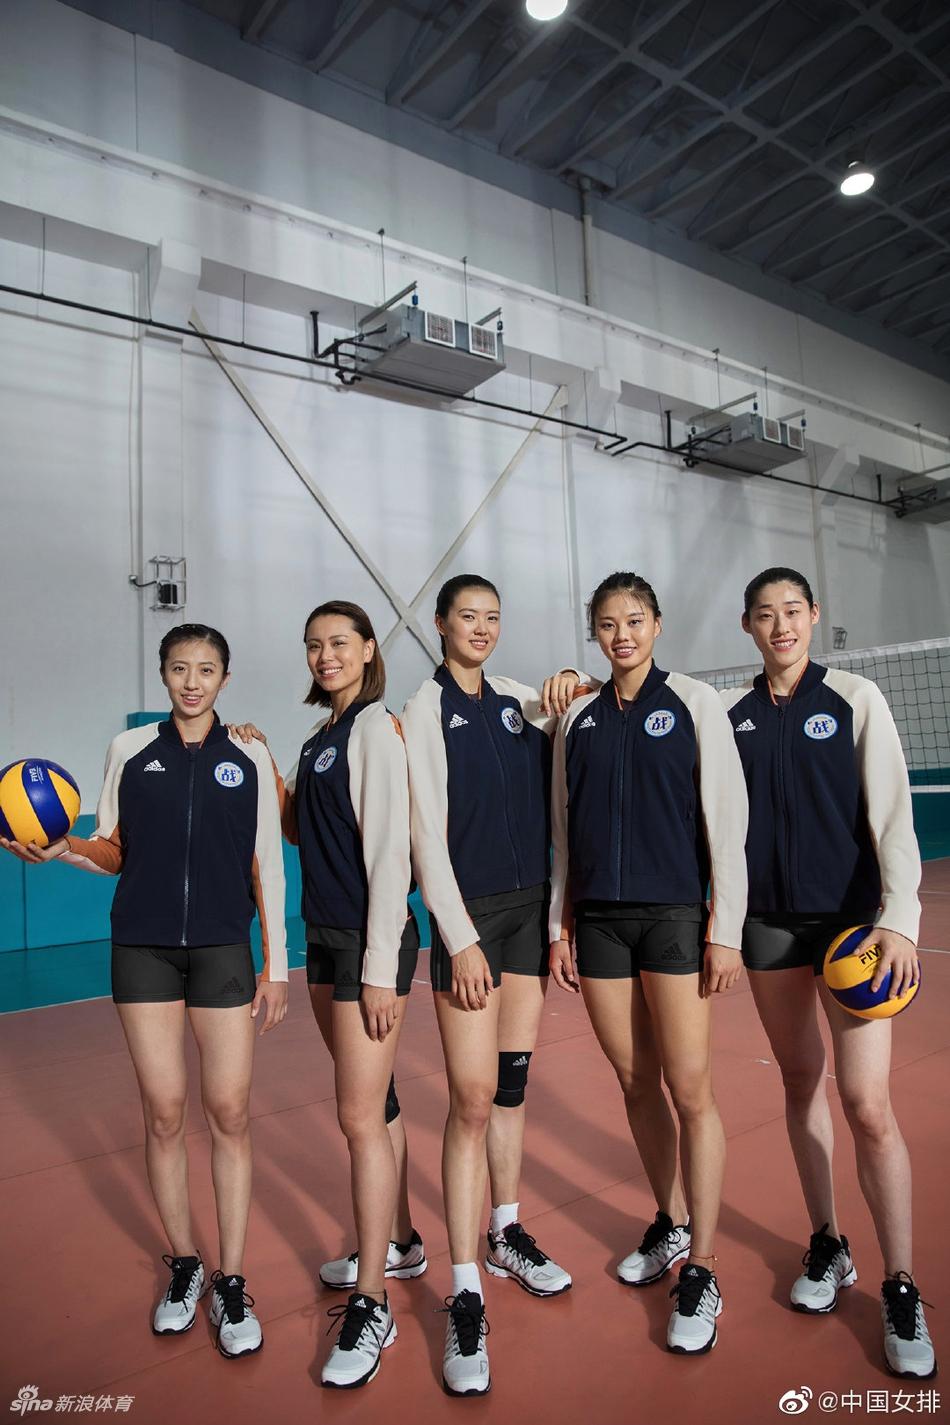 中国女排拍摄广告 身材高挑大秀长腿